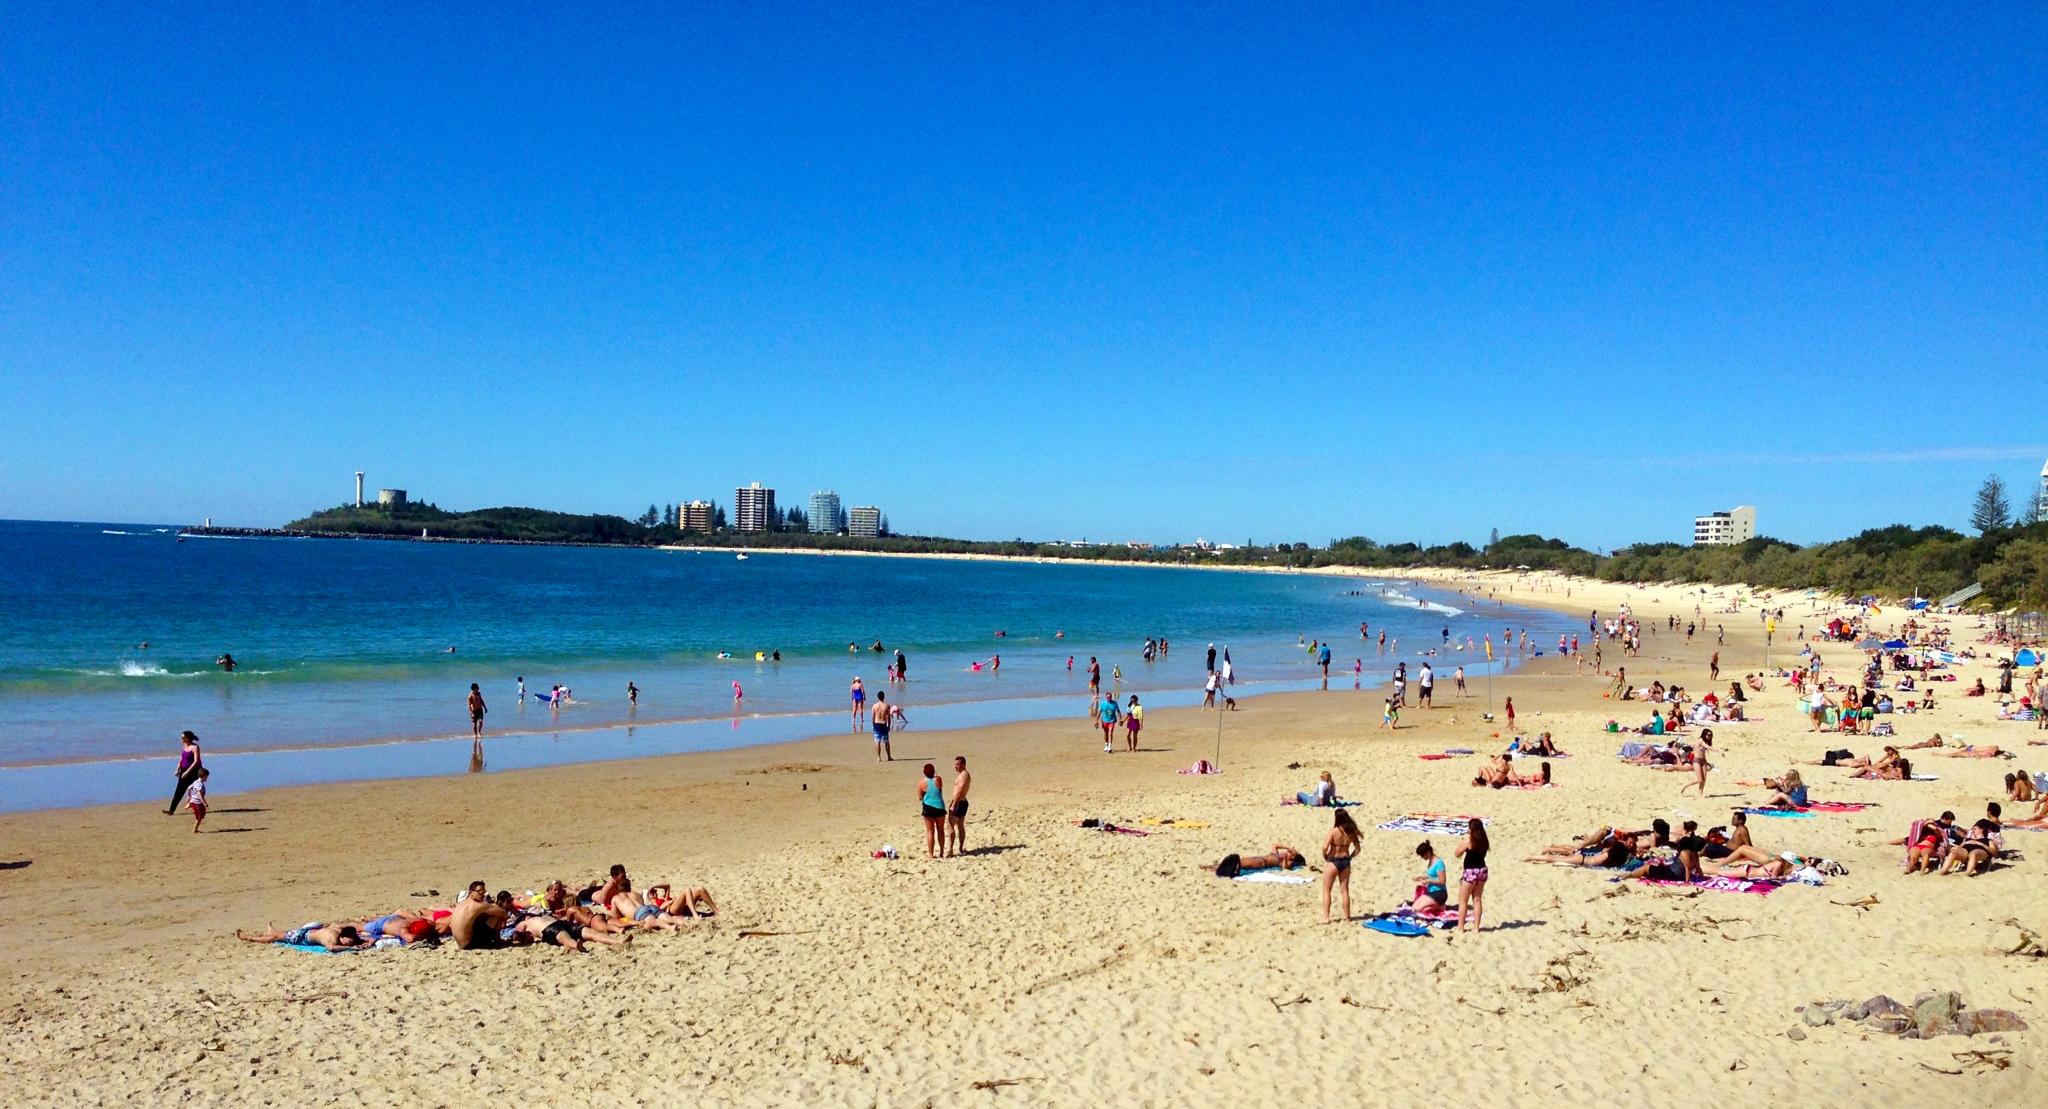 Mooloolaba-Beach-Sunday-Aug-11.jpg